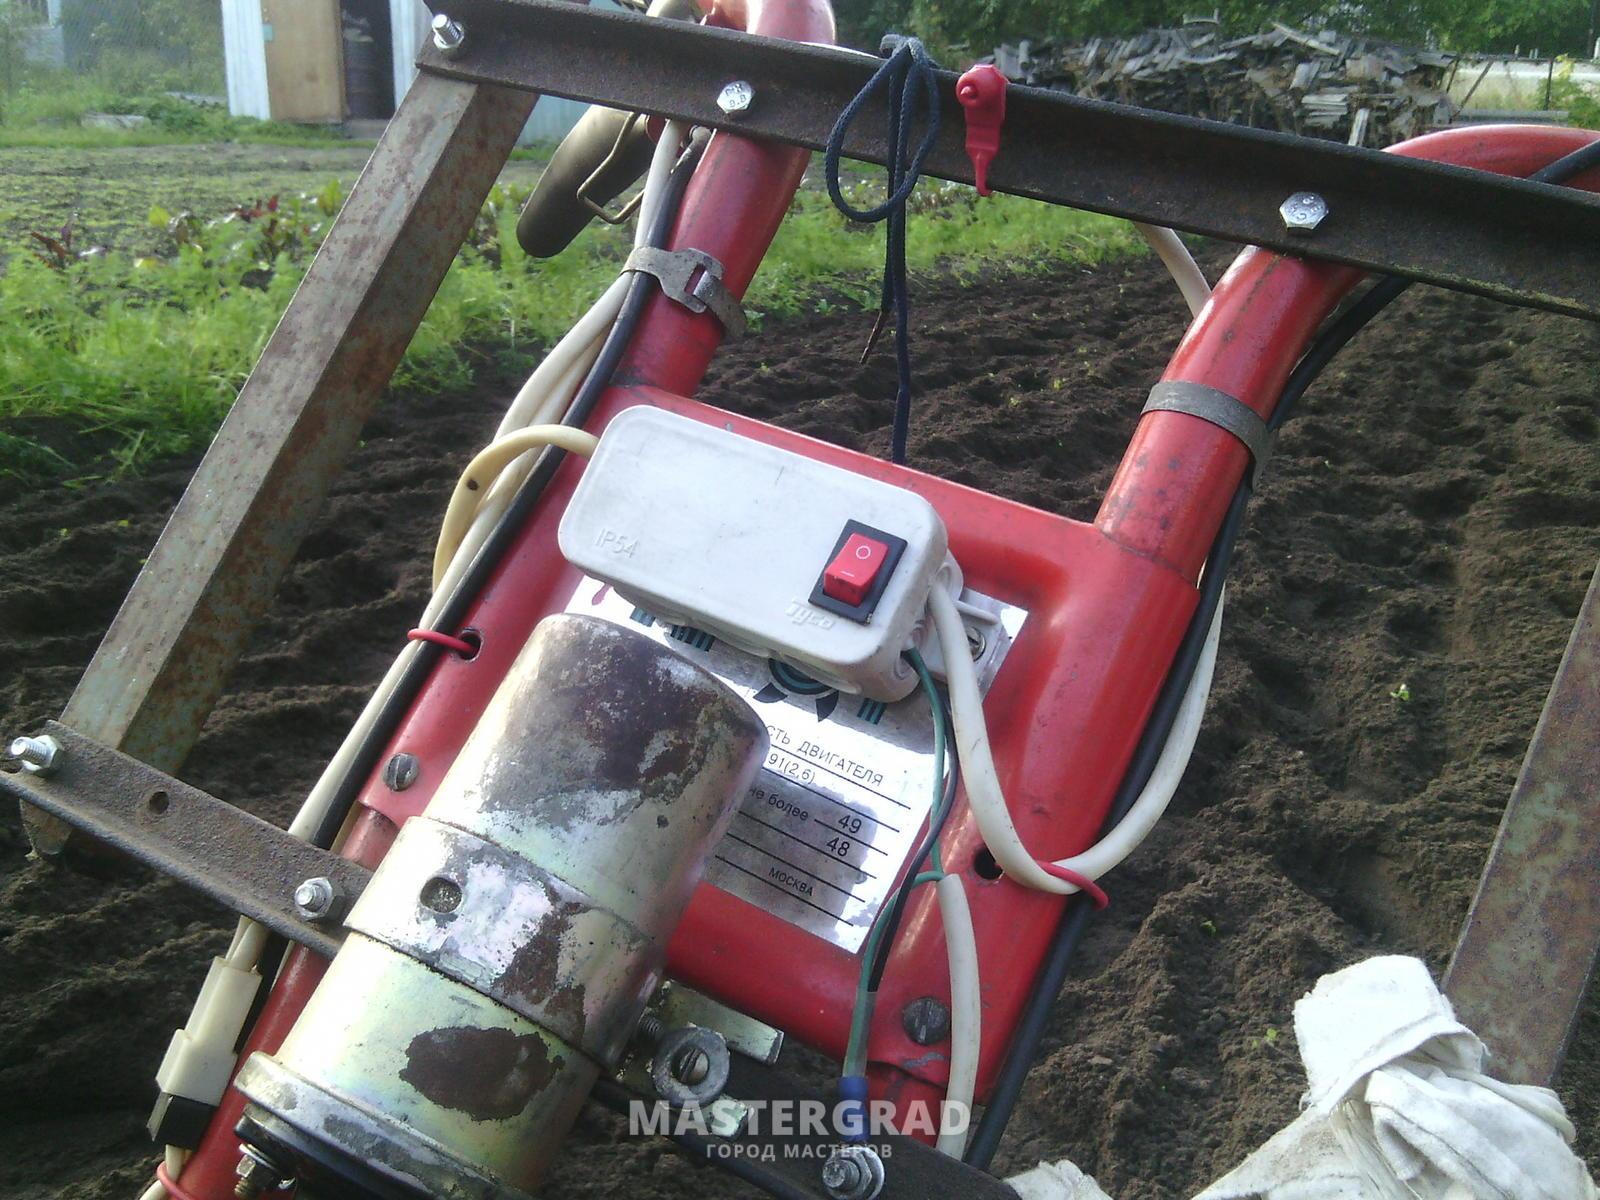 Культиватор Крот бензиновый, инструкция по эксплуатации